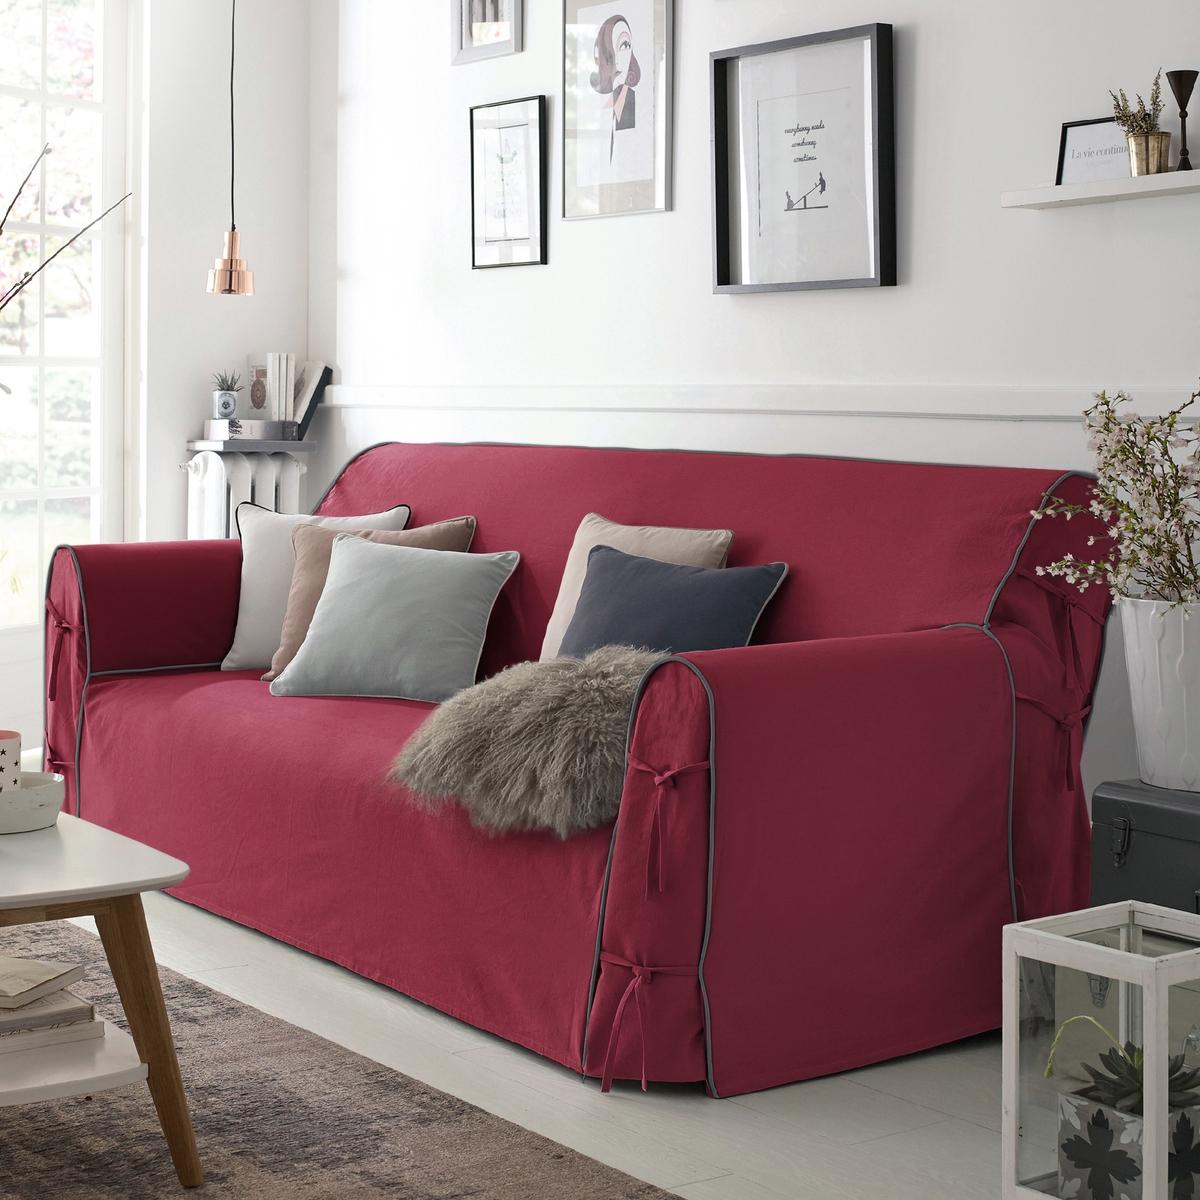 Чехол для дивана, BRIDGY.Характеристики чехла для дивана:Знак качества Valeur S?re: 100% хлопка. Большие подлокотники, регулируемые завязками. Отделка контрастным кантом.Стирка при 40°C.Размеры чехла для дивана:Общие. размеры: общ. высота: 102 см, глуб. сиденья: 60 см. 2-мест. : шир. 142 см максимум,2-3 мест. : шир. 180 см максимум,3-мест. : шир. 206 см максимум.Сертификат Oeko-Tex® дает гарантию того, что товары изготовлены без применения химических средств и не представляют опасности для здоровья человека.<br><br>Цвет: бордовый/антрацит,Сине-зеленый/черный